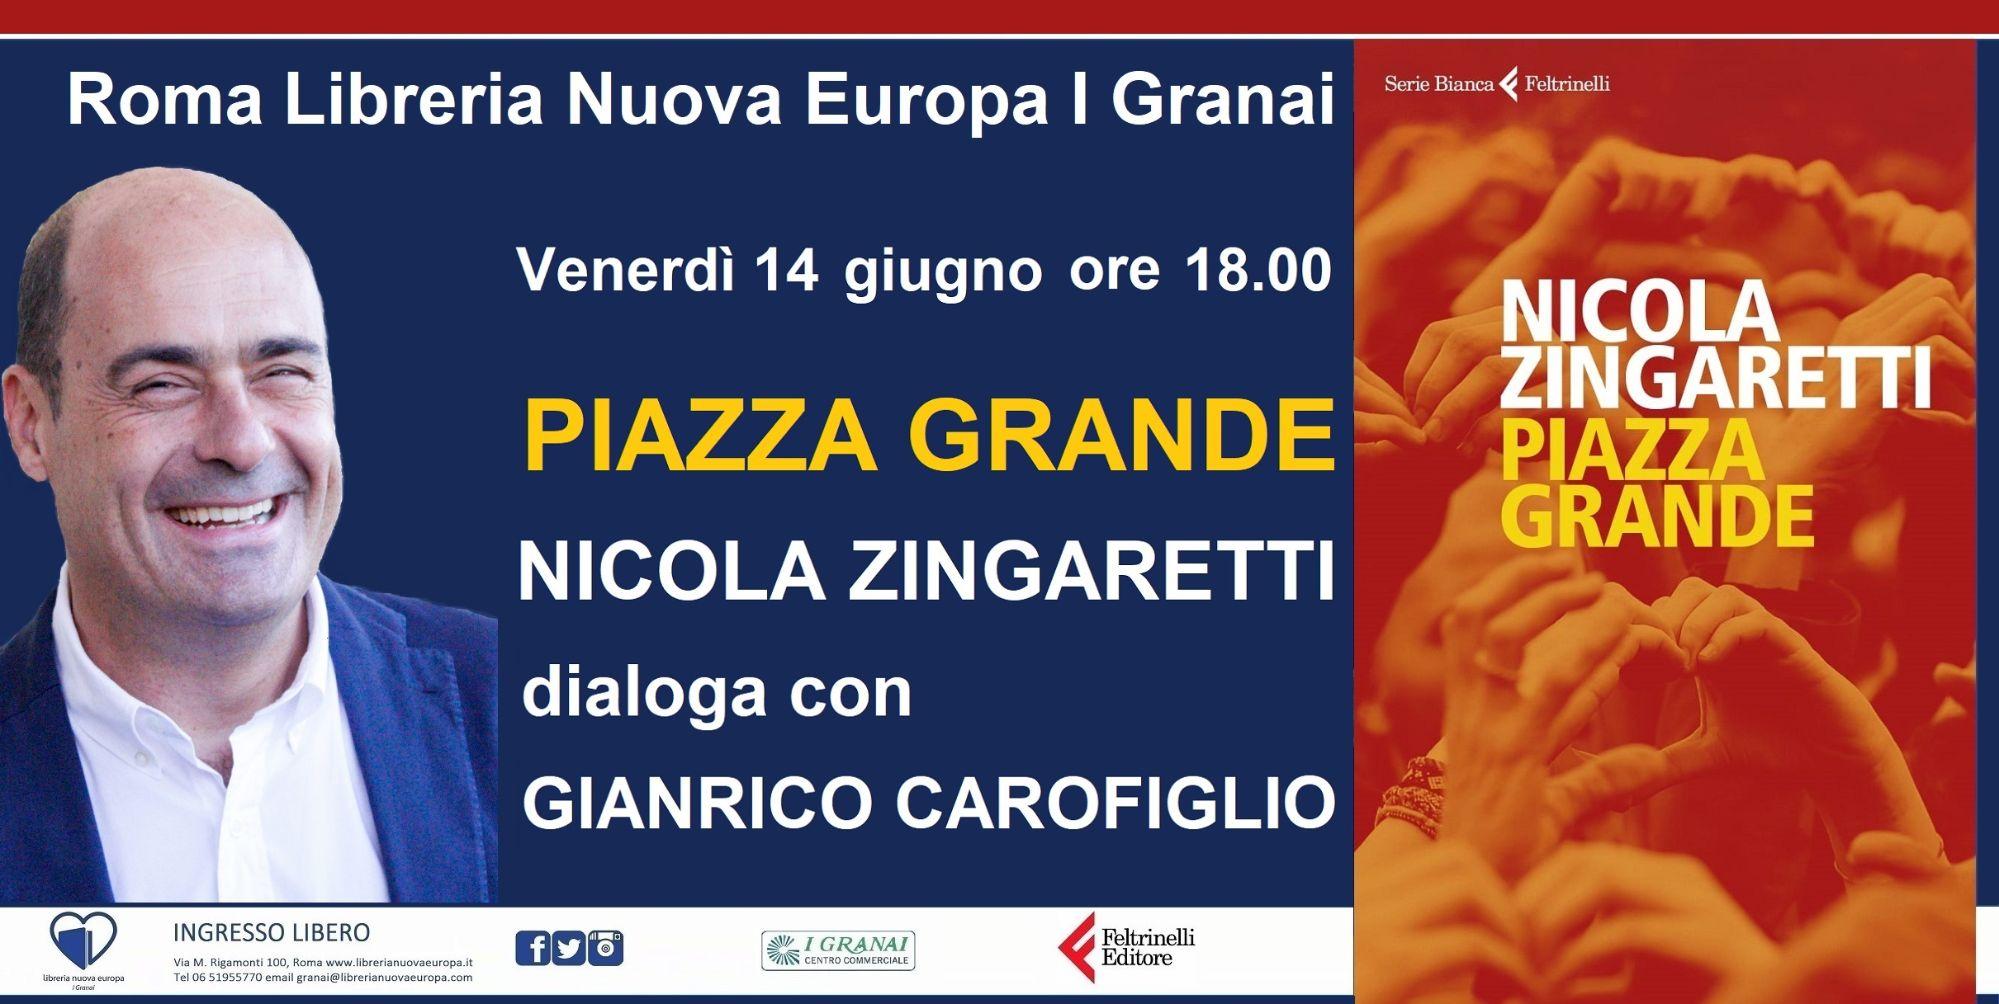 Piazza grande. Nicola Zingaretti dialoga con Gianrico Carofiglio